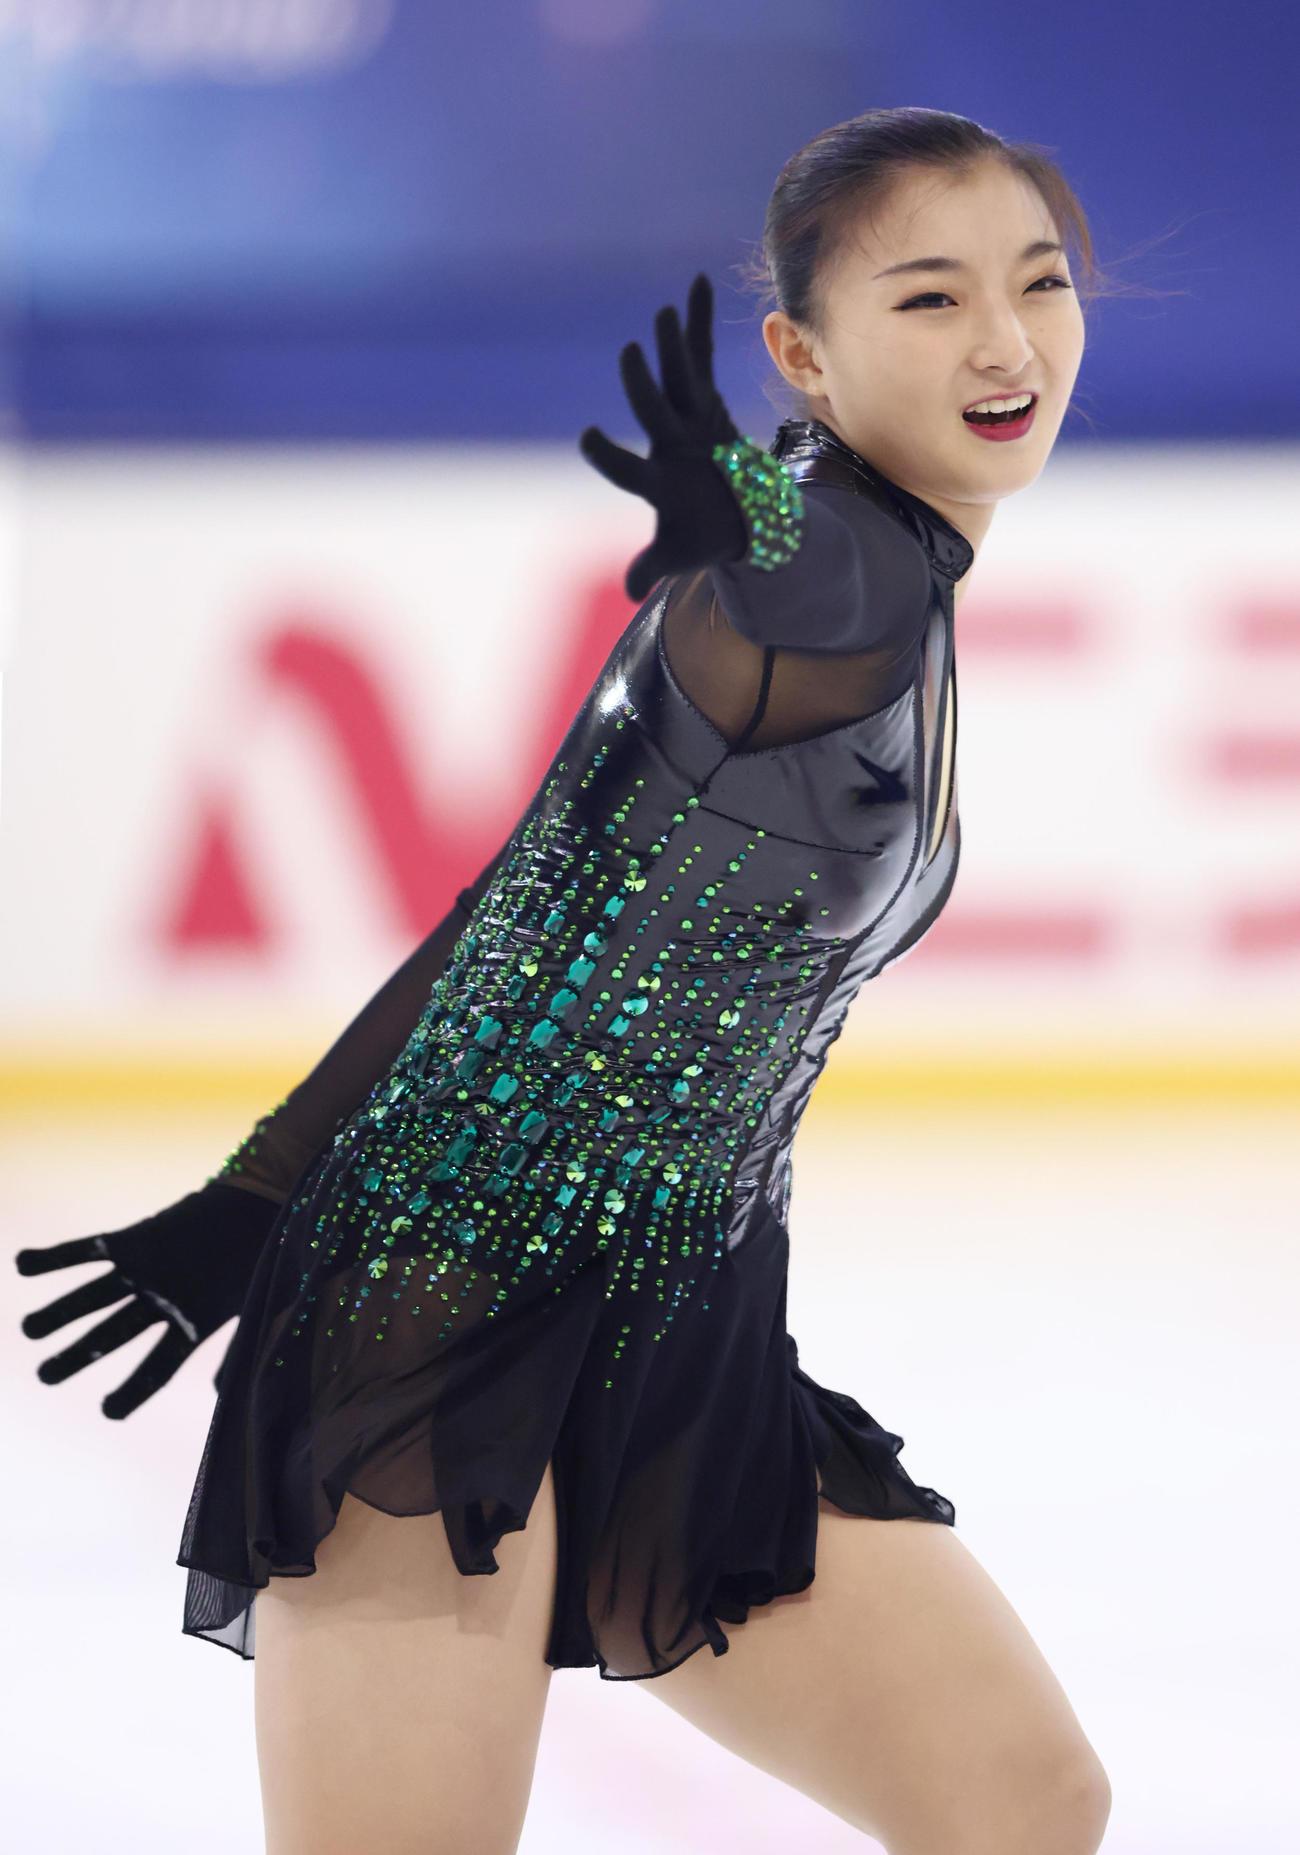 フィギュアスケート 「ドリーム・オン・アイス」 フリーを披露する坂本花織(代表撮影)